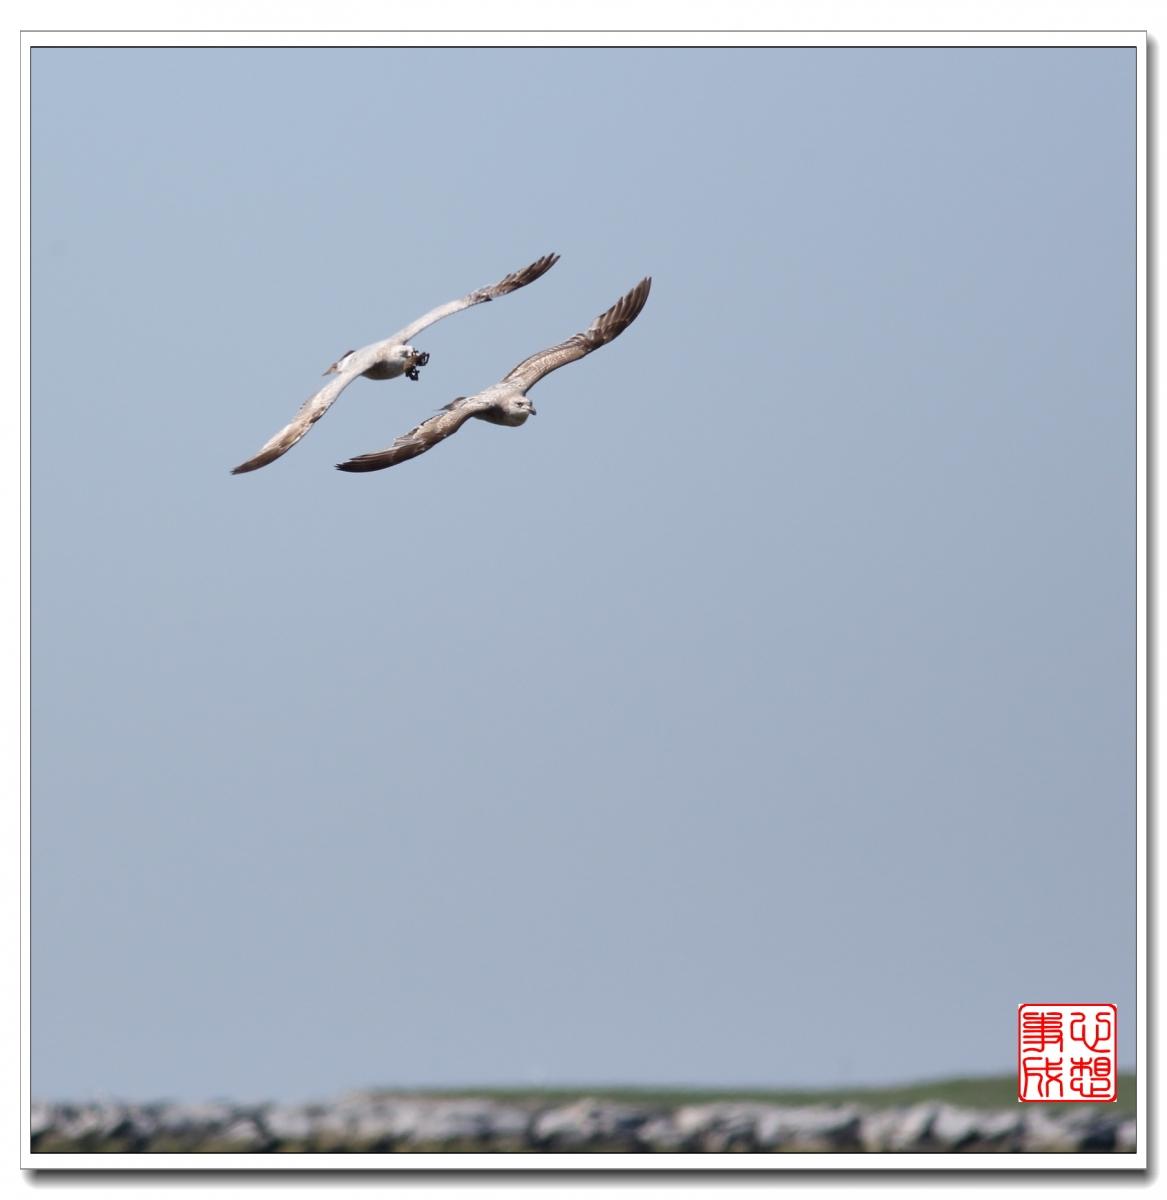 【心想事成】空中表演-海鸥_图1-1